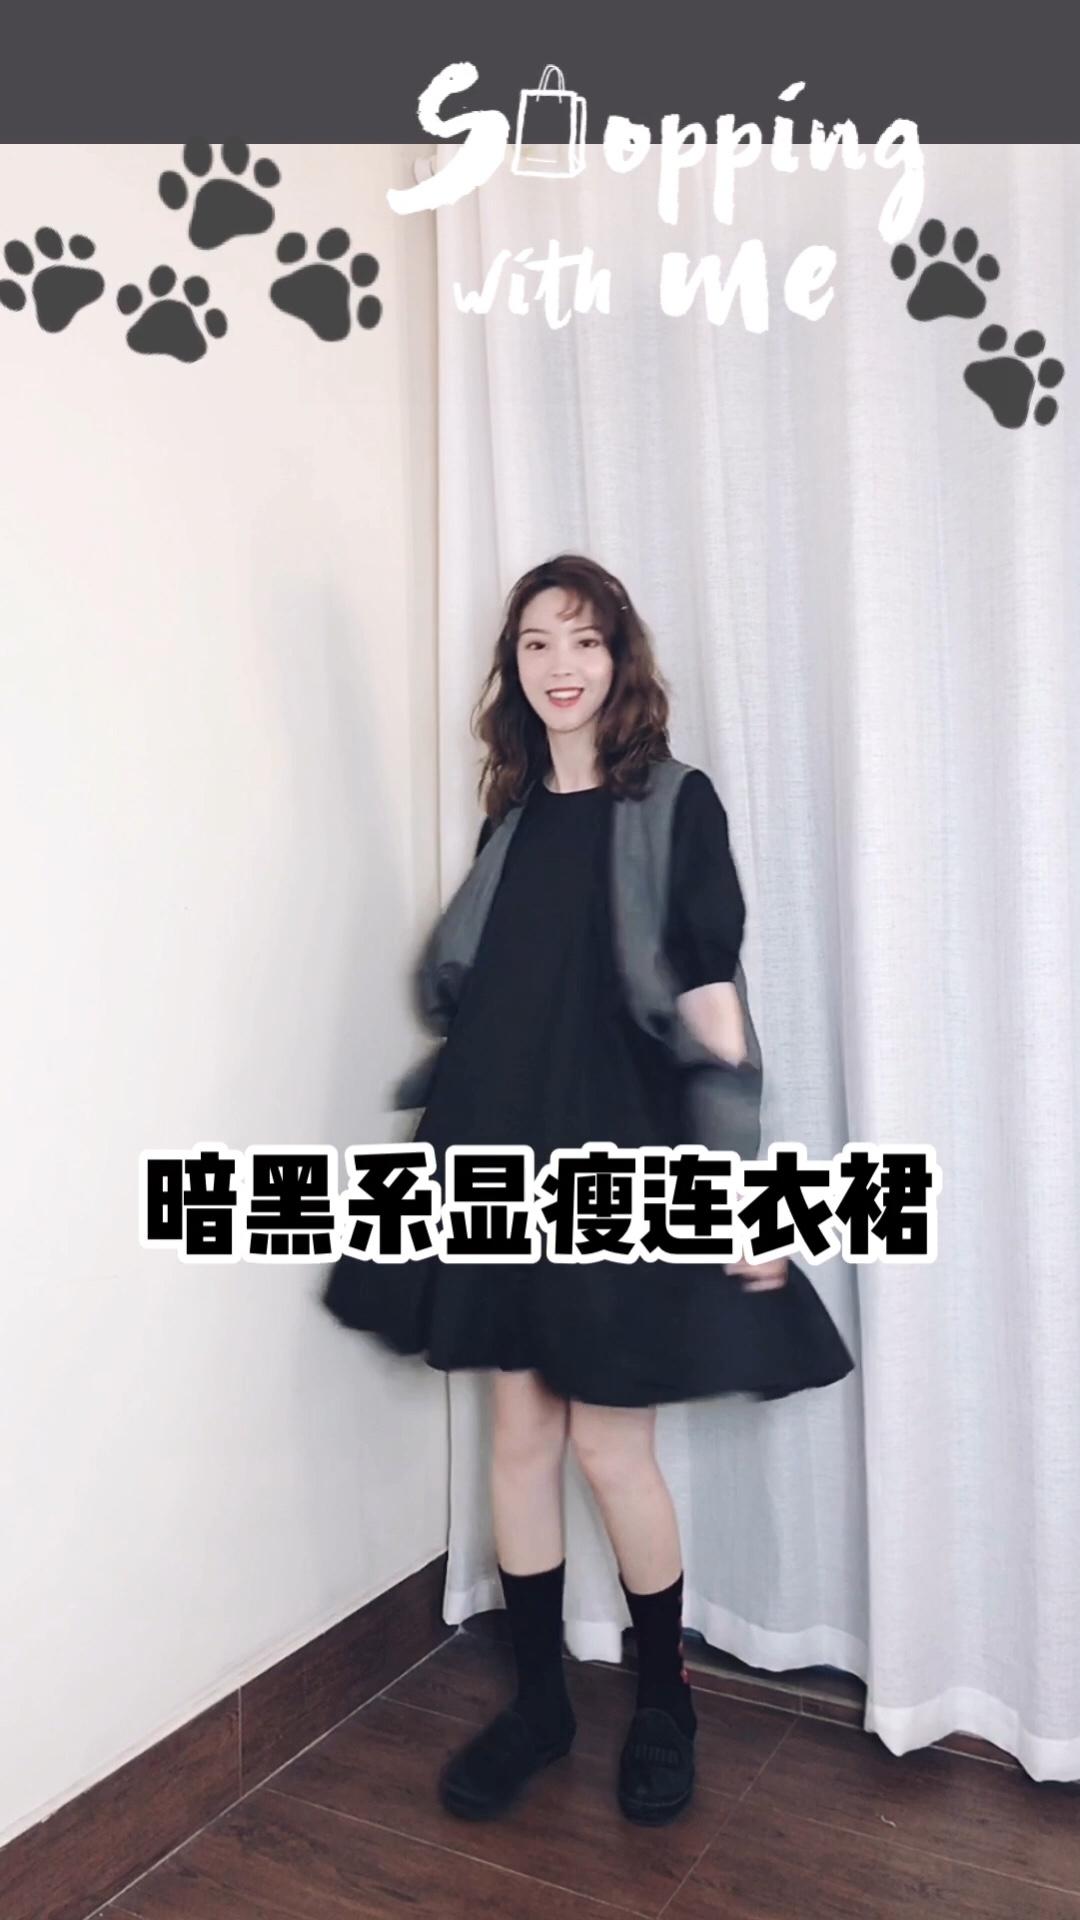 CC穿搭 #衣柜里最能打的套装安利!# 快速出门装,一条连衣裙搞掂,纯黑色的连衣裙下摆是荷叶边,简单中带有设计感一直是我喜欢的风格,搭配一件灰色的马甲,突显层次感也很时尚,下身搭配了一双带有小花图案的袜子,这样的小心机给整体搭配增添了可爱的元素,告别沉闷的穿搭